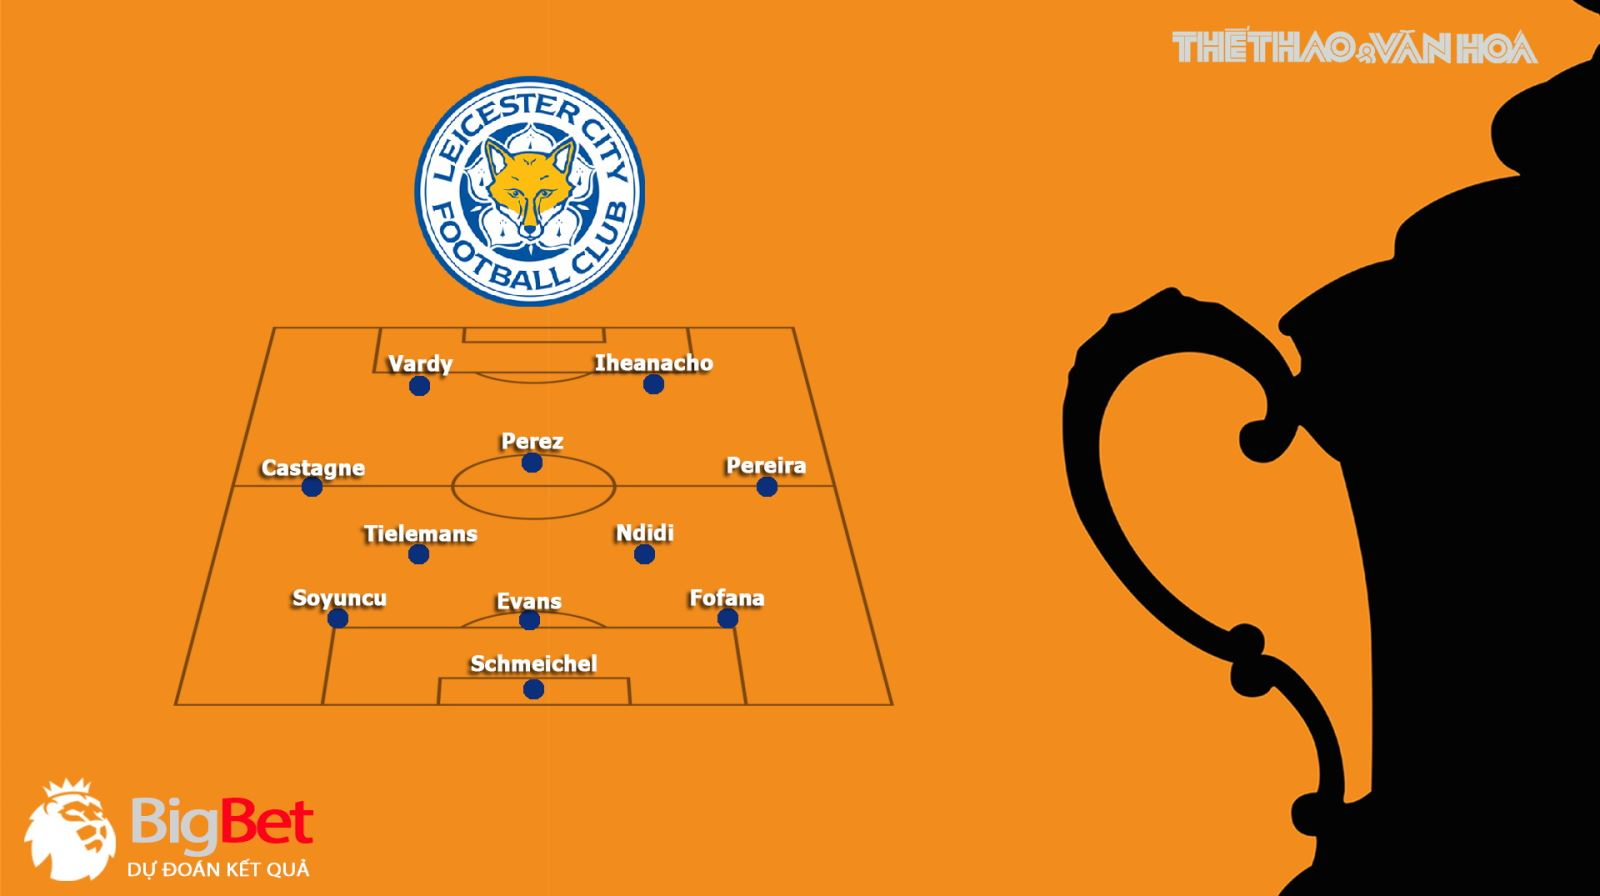 Keo nha cai, Kèo nhà cái, Leicester vs MU, SCTV trực tiếp bóng đá Tứ kết FA Cup, Xem MU, kèo MU, xem trực tiếp MU đấu với Leicester City, xem bóng đá trực tuyến MU